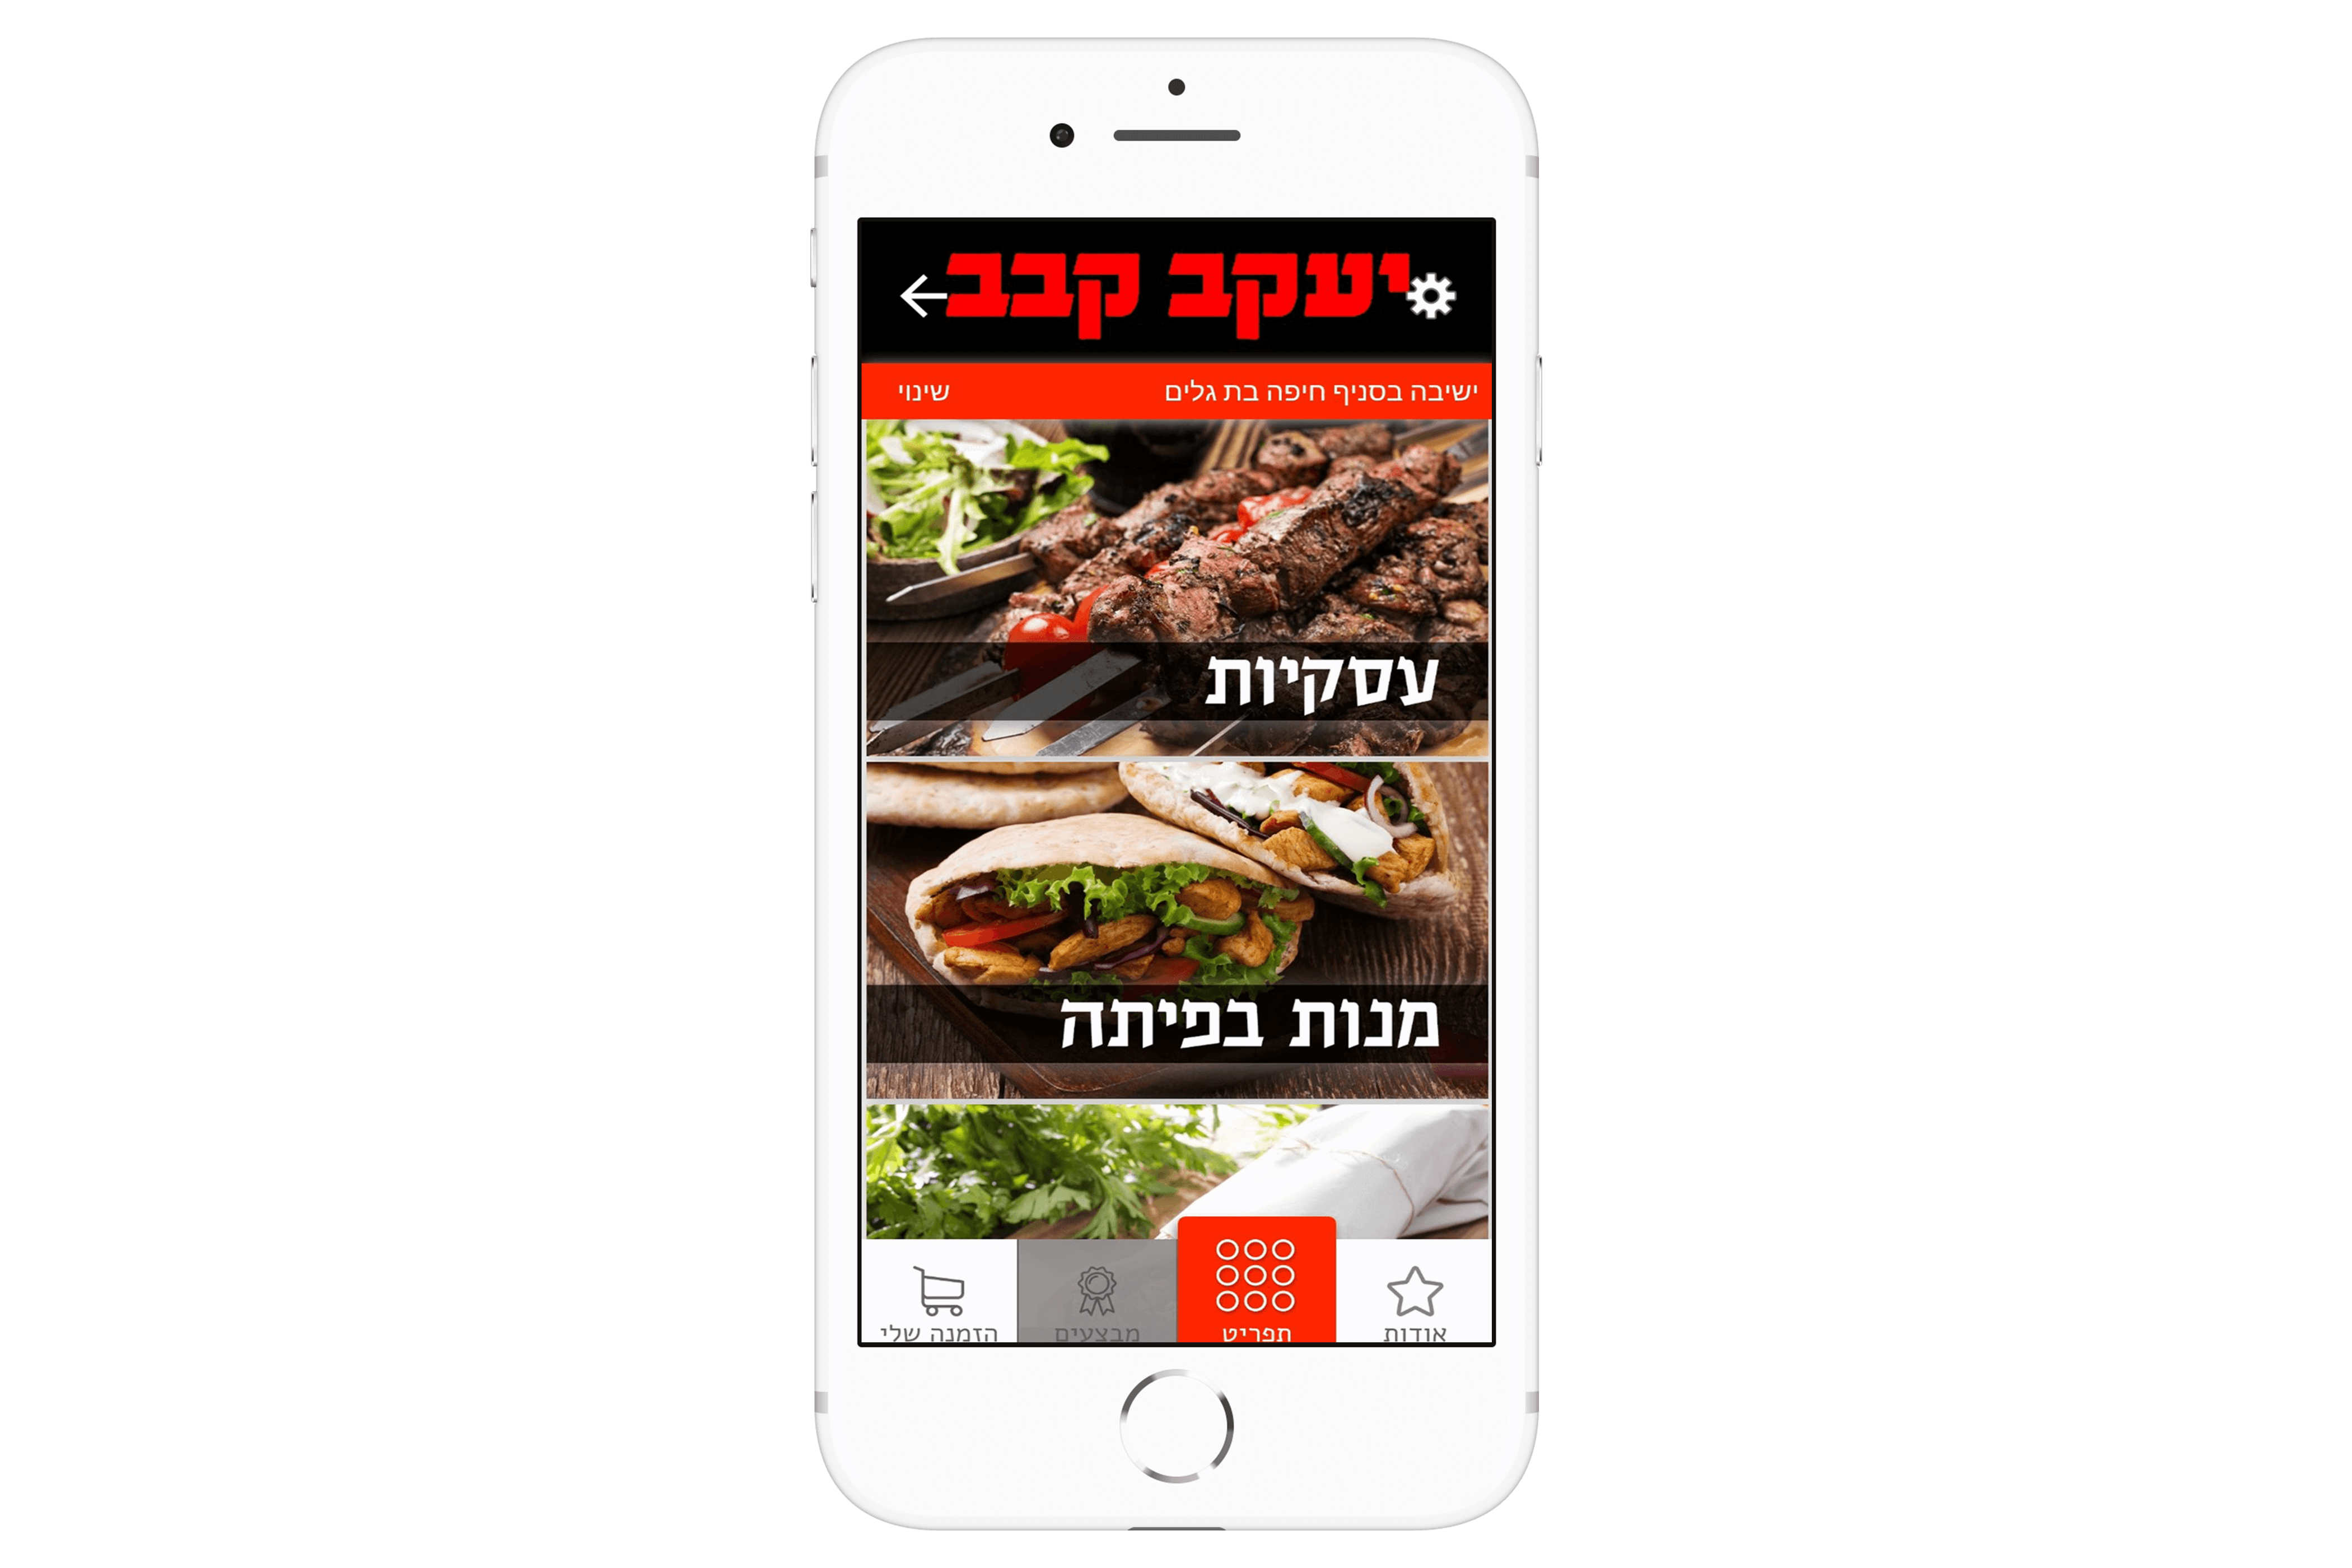 אפליקציית הזמנות של יעקב קבב מבין הלקוחות שלנו